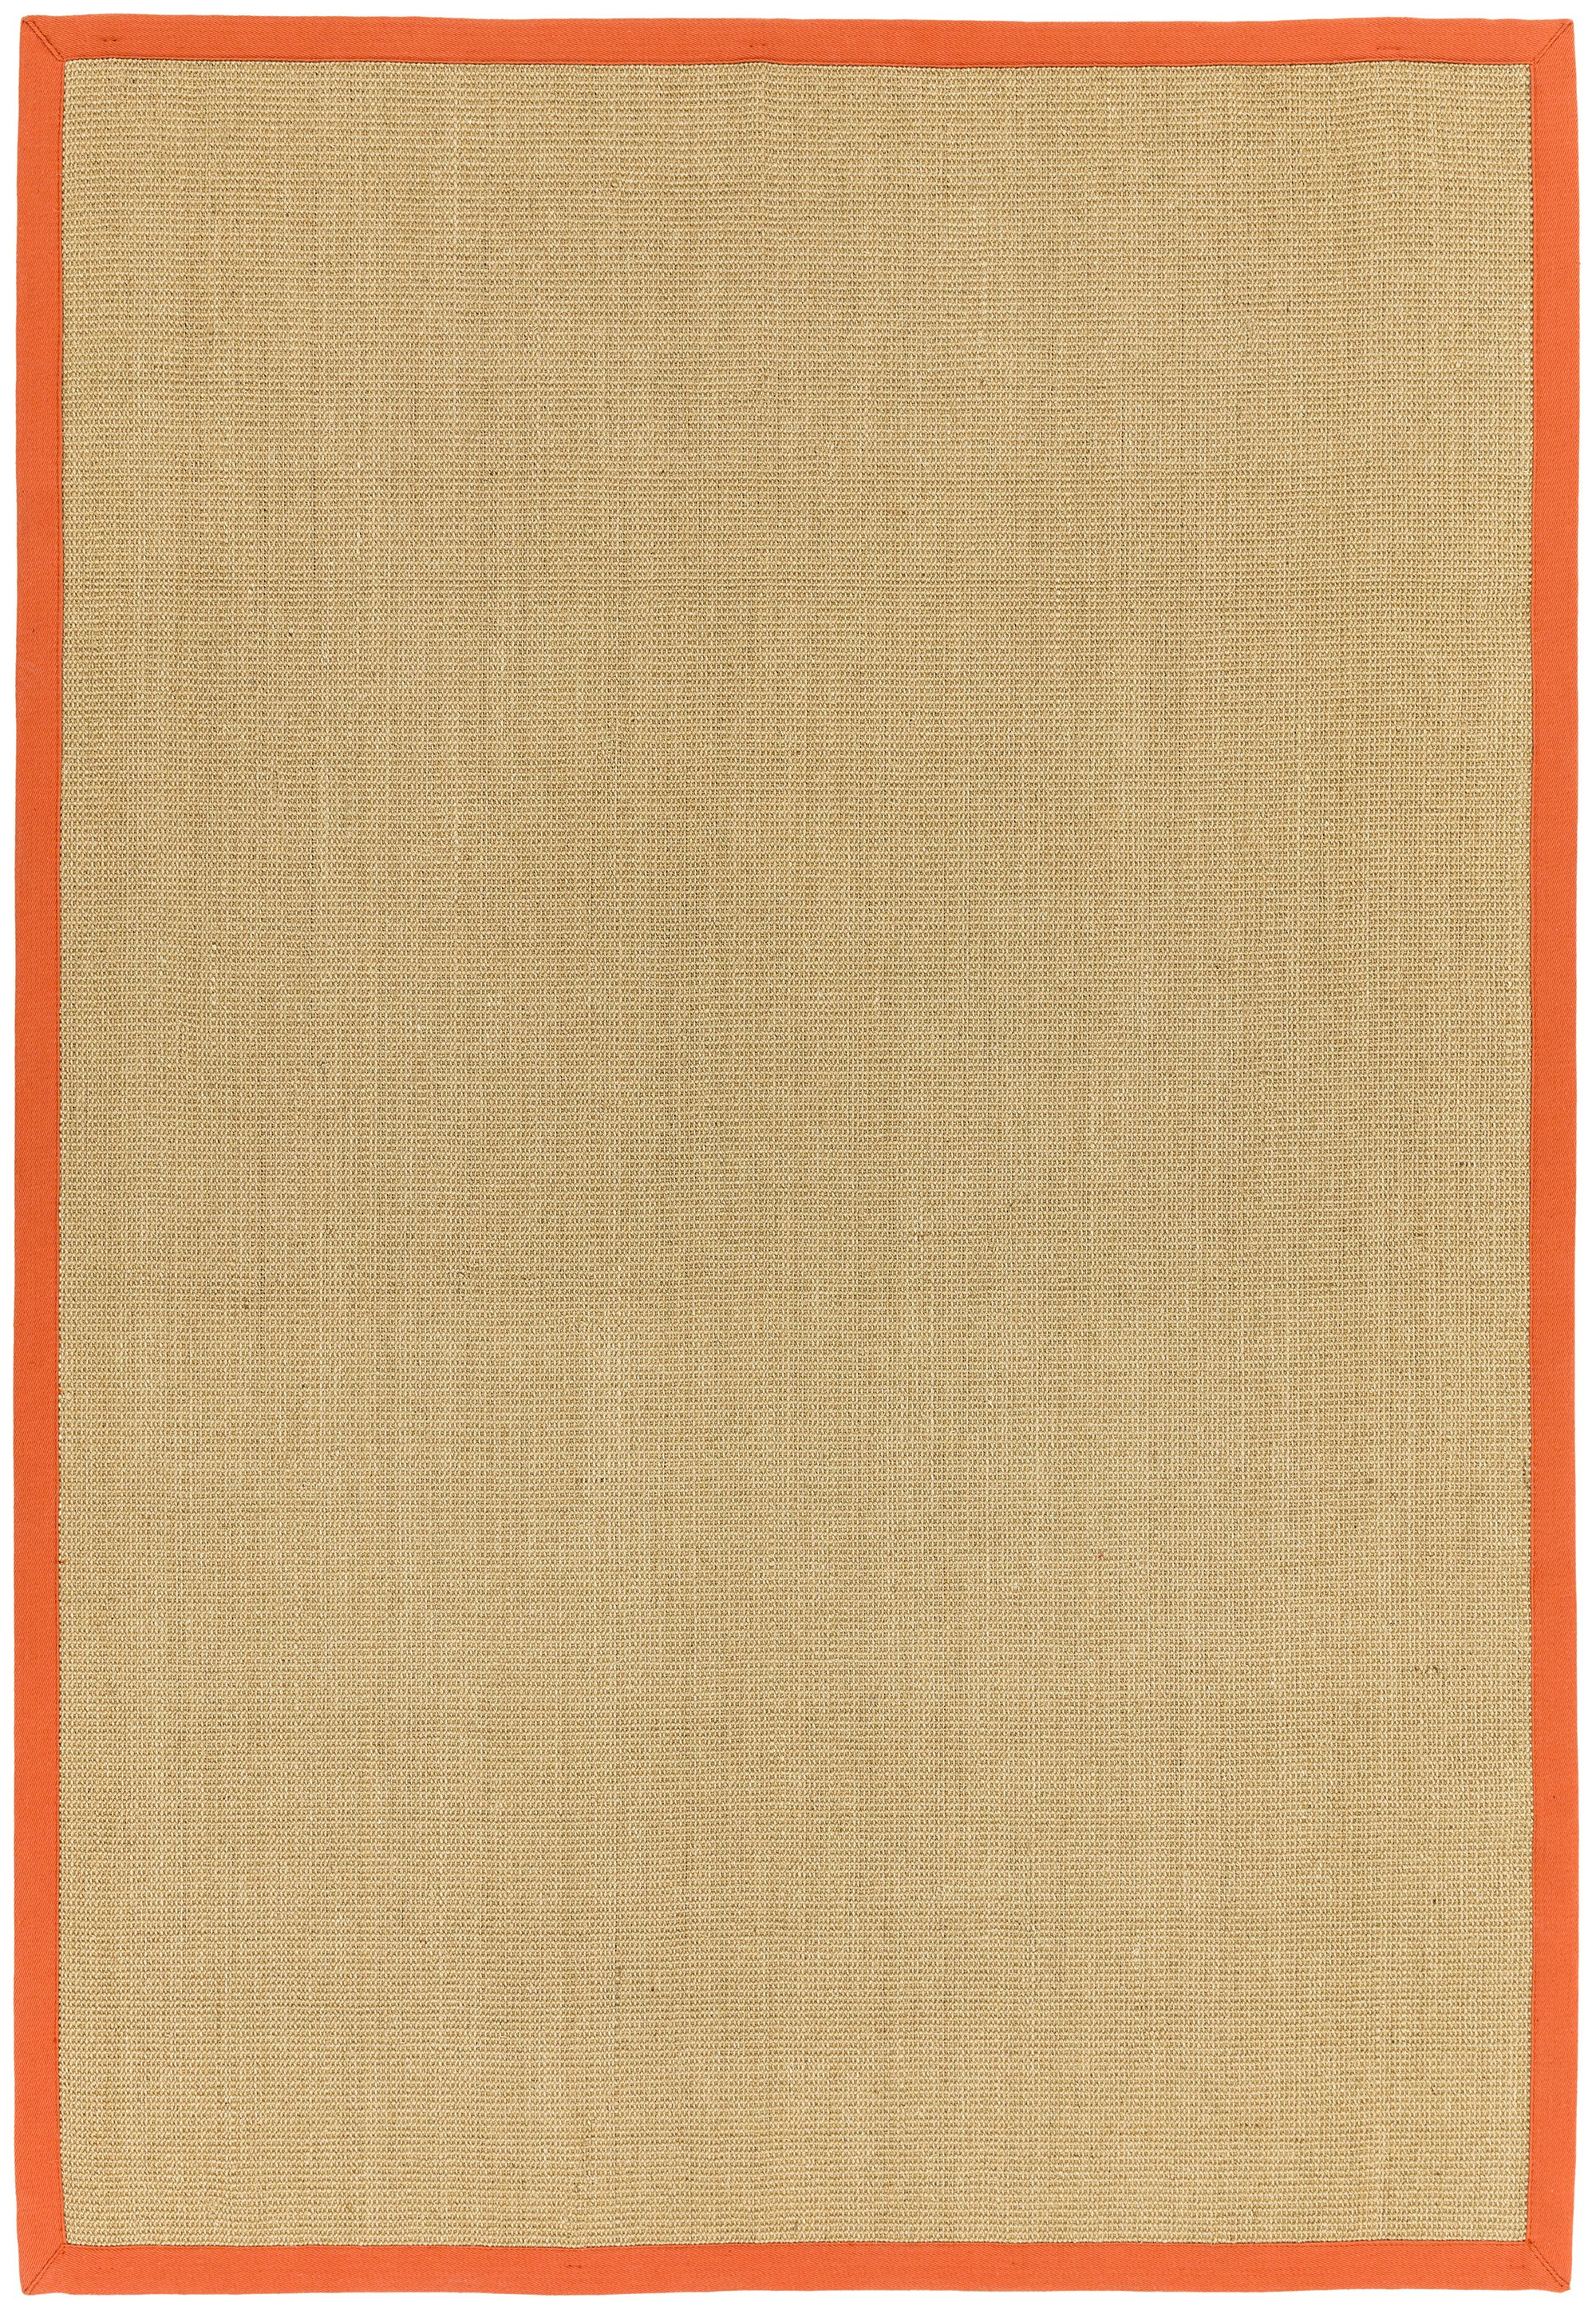 Sisal Rug Orange